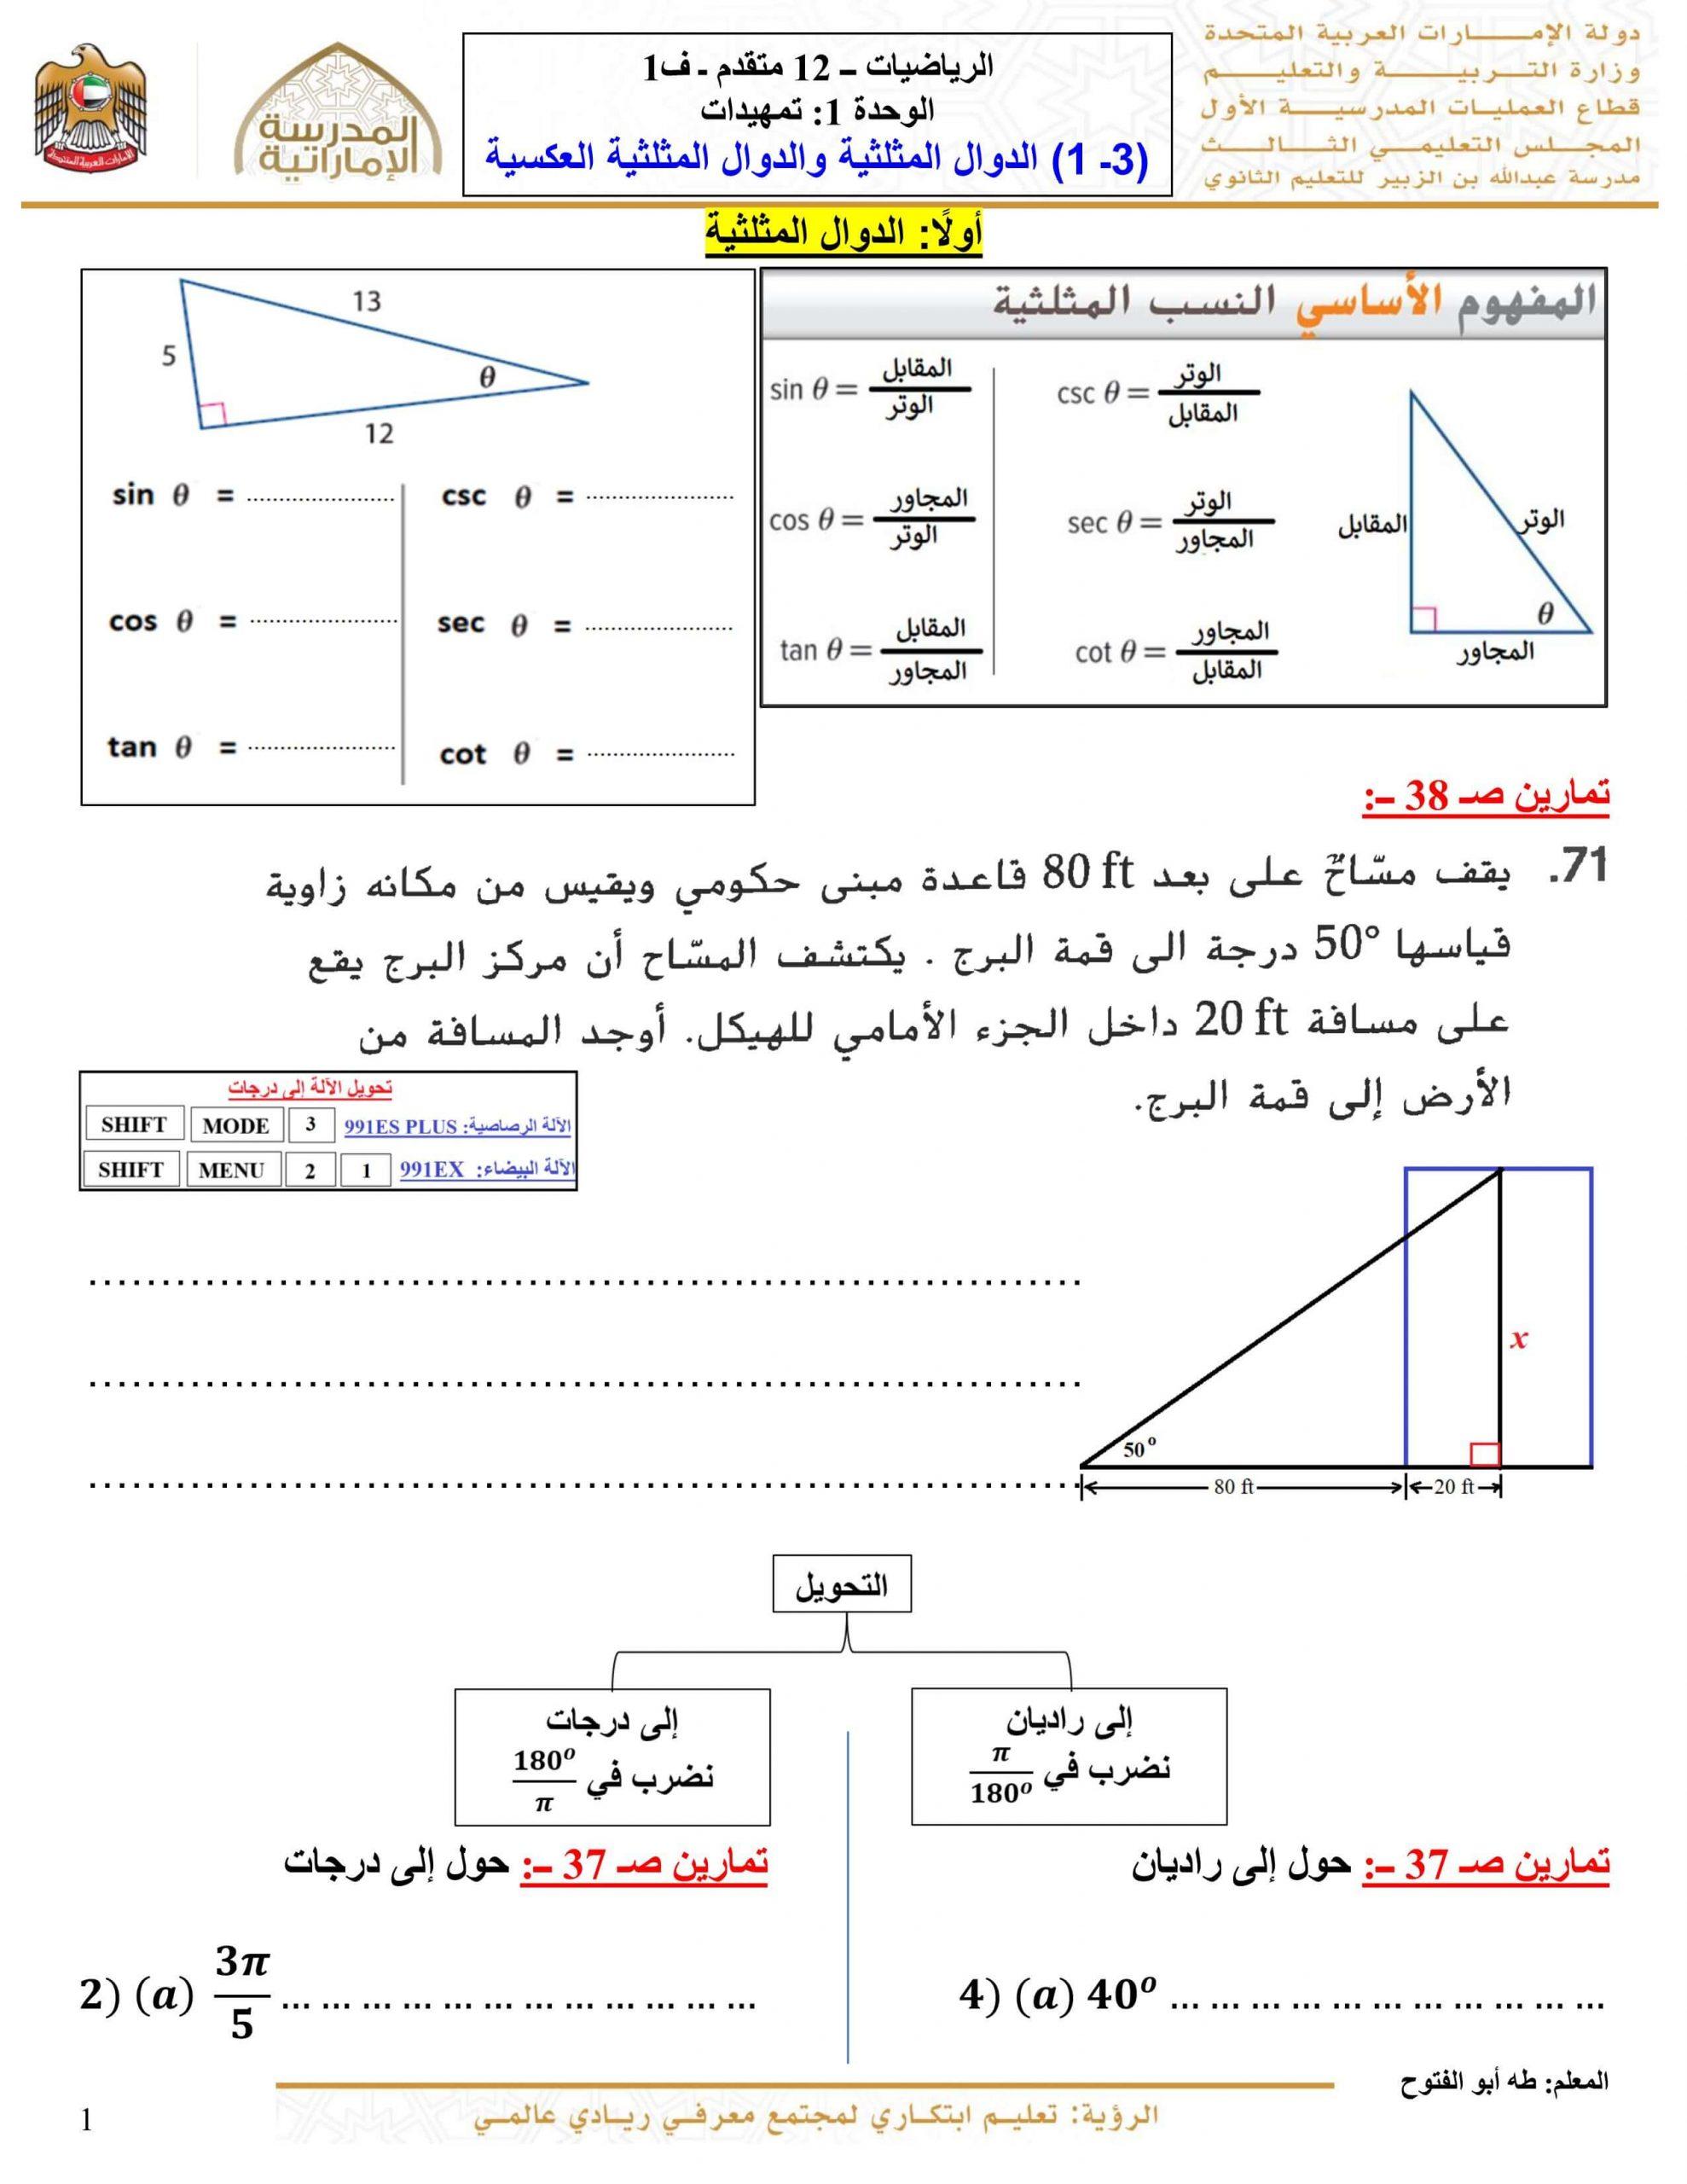 اوراق عمل الدوال المثلثية والدوال المثلثية العكسية للصف الثاني عشر متقدم مادة الرياضيات المتكاملة